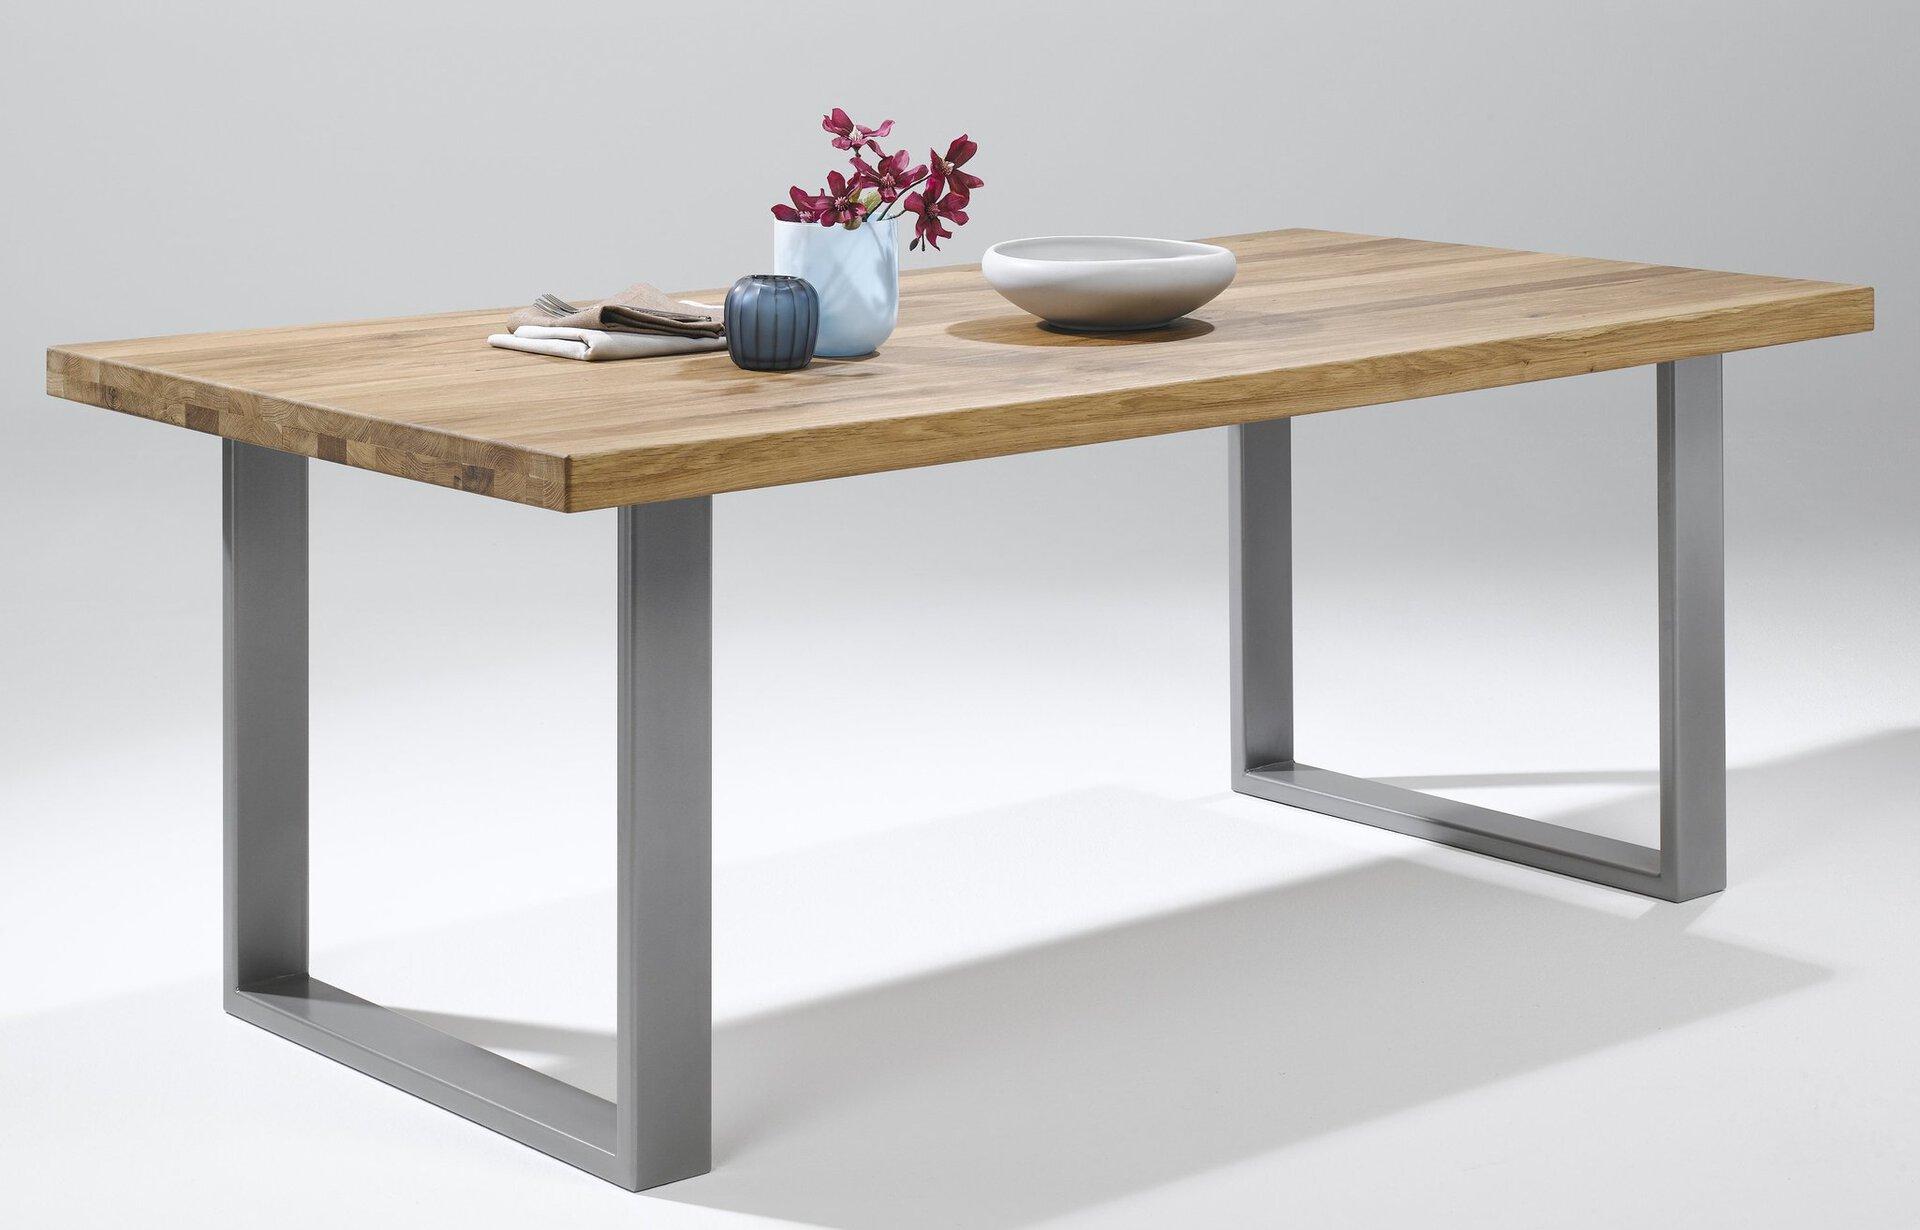 Esstisch 2559 Dinett Holz 100 x 75 x 180 cm